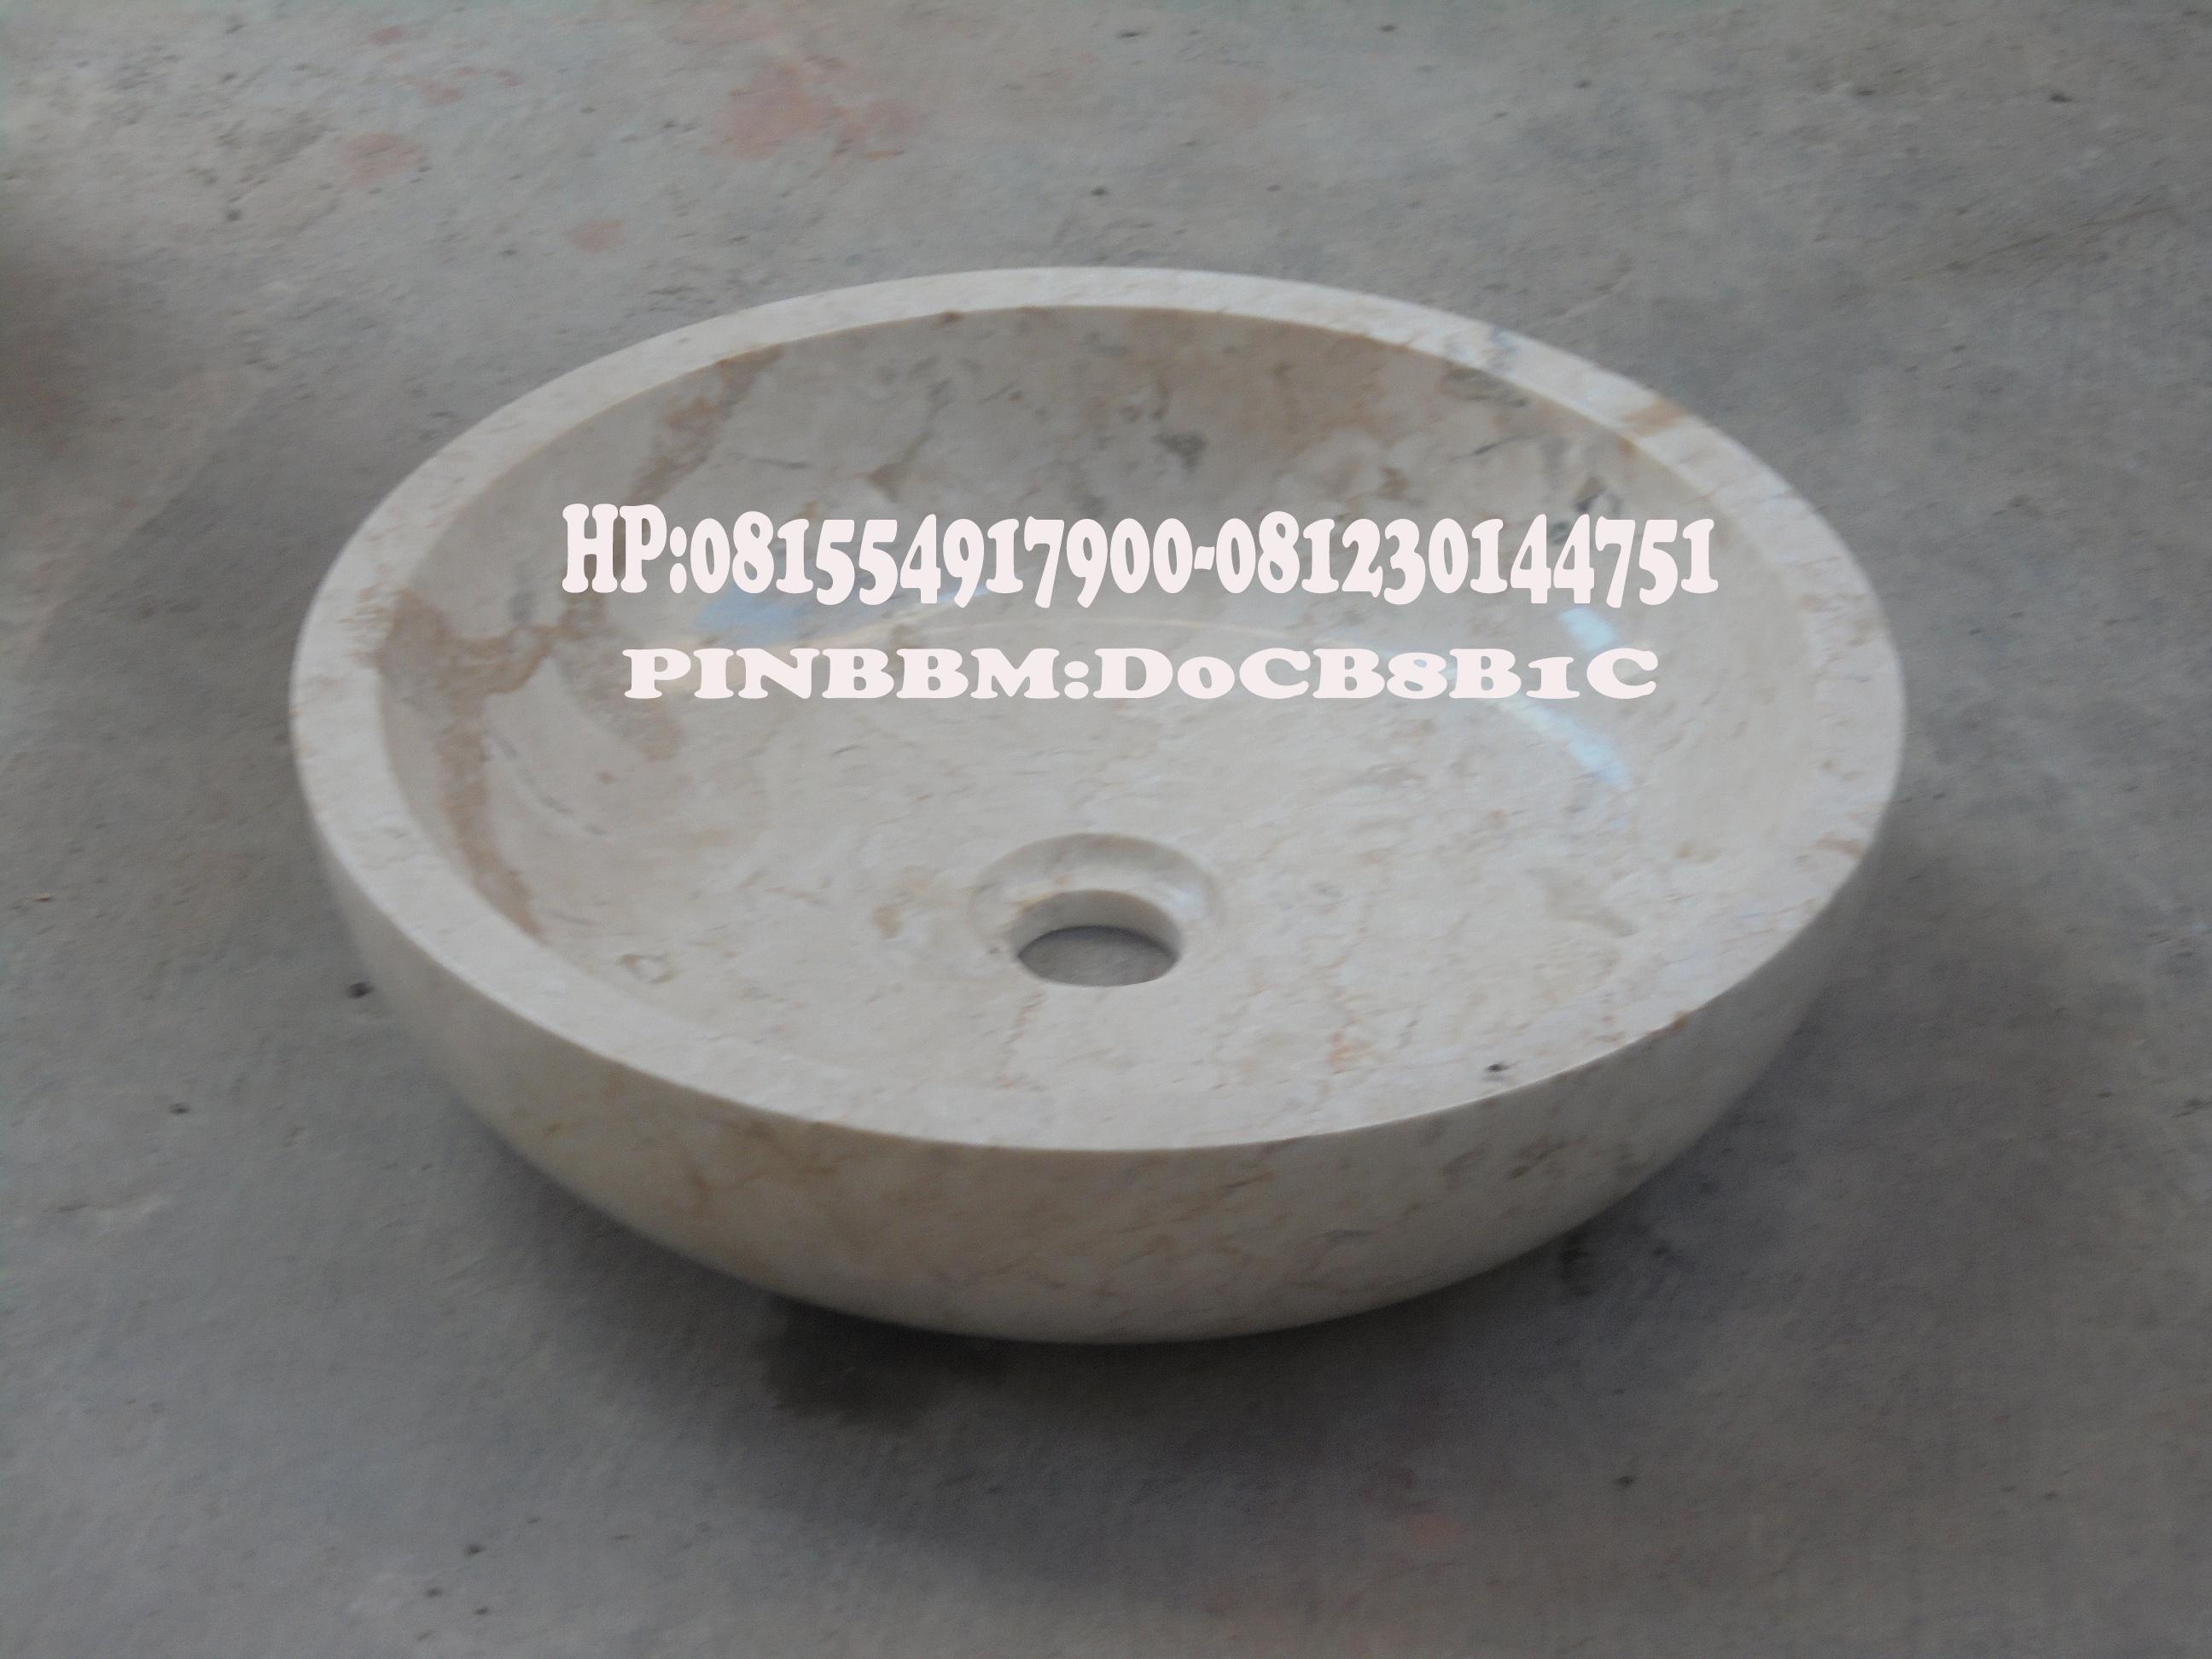 Wastafel Bulat Marmer